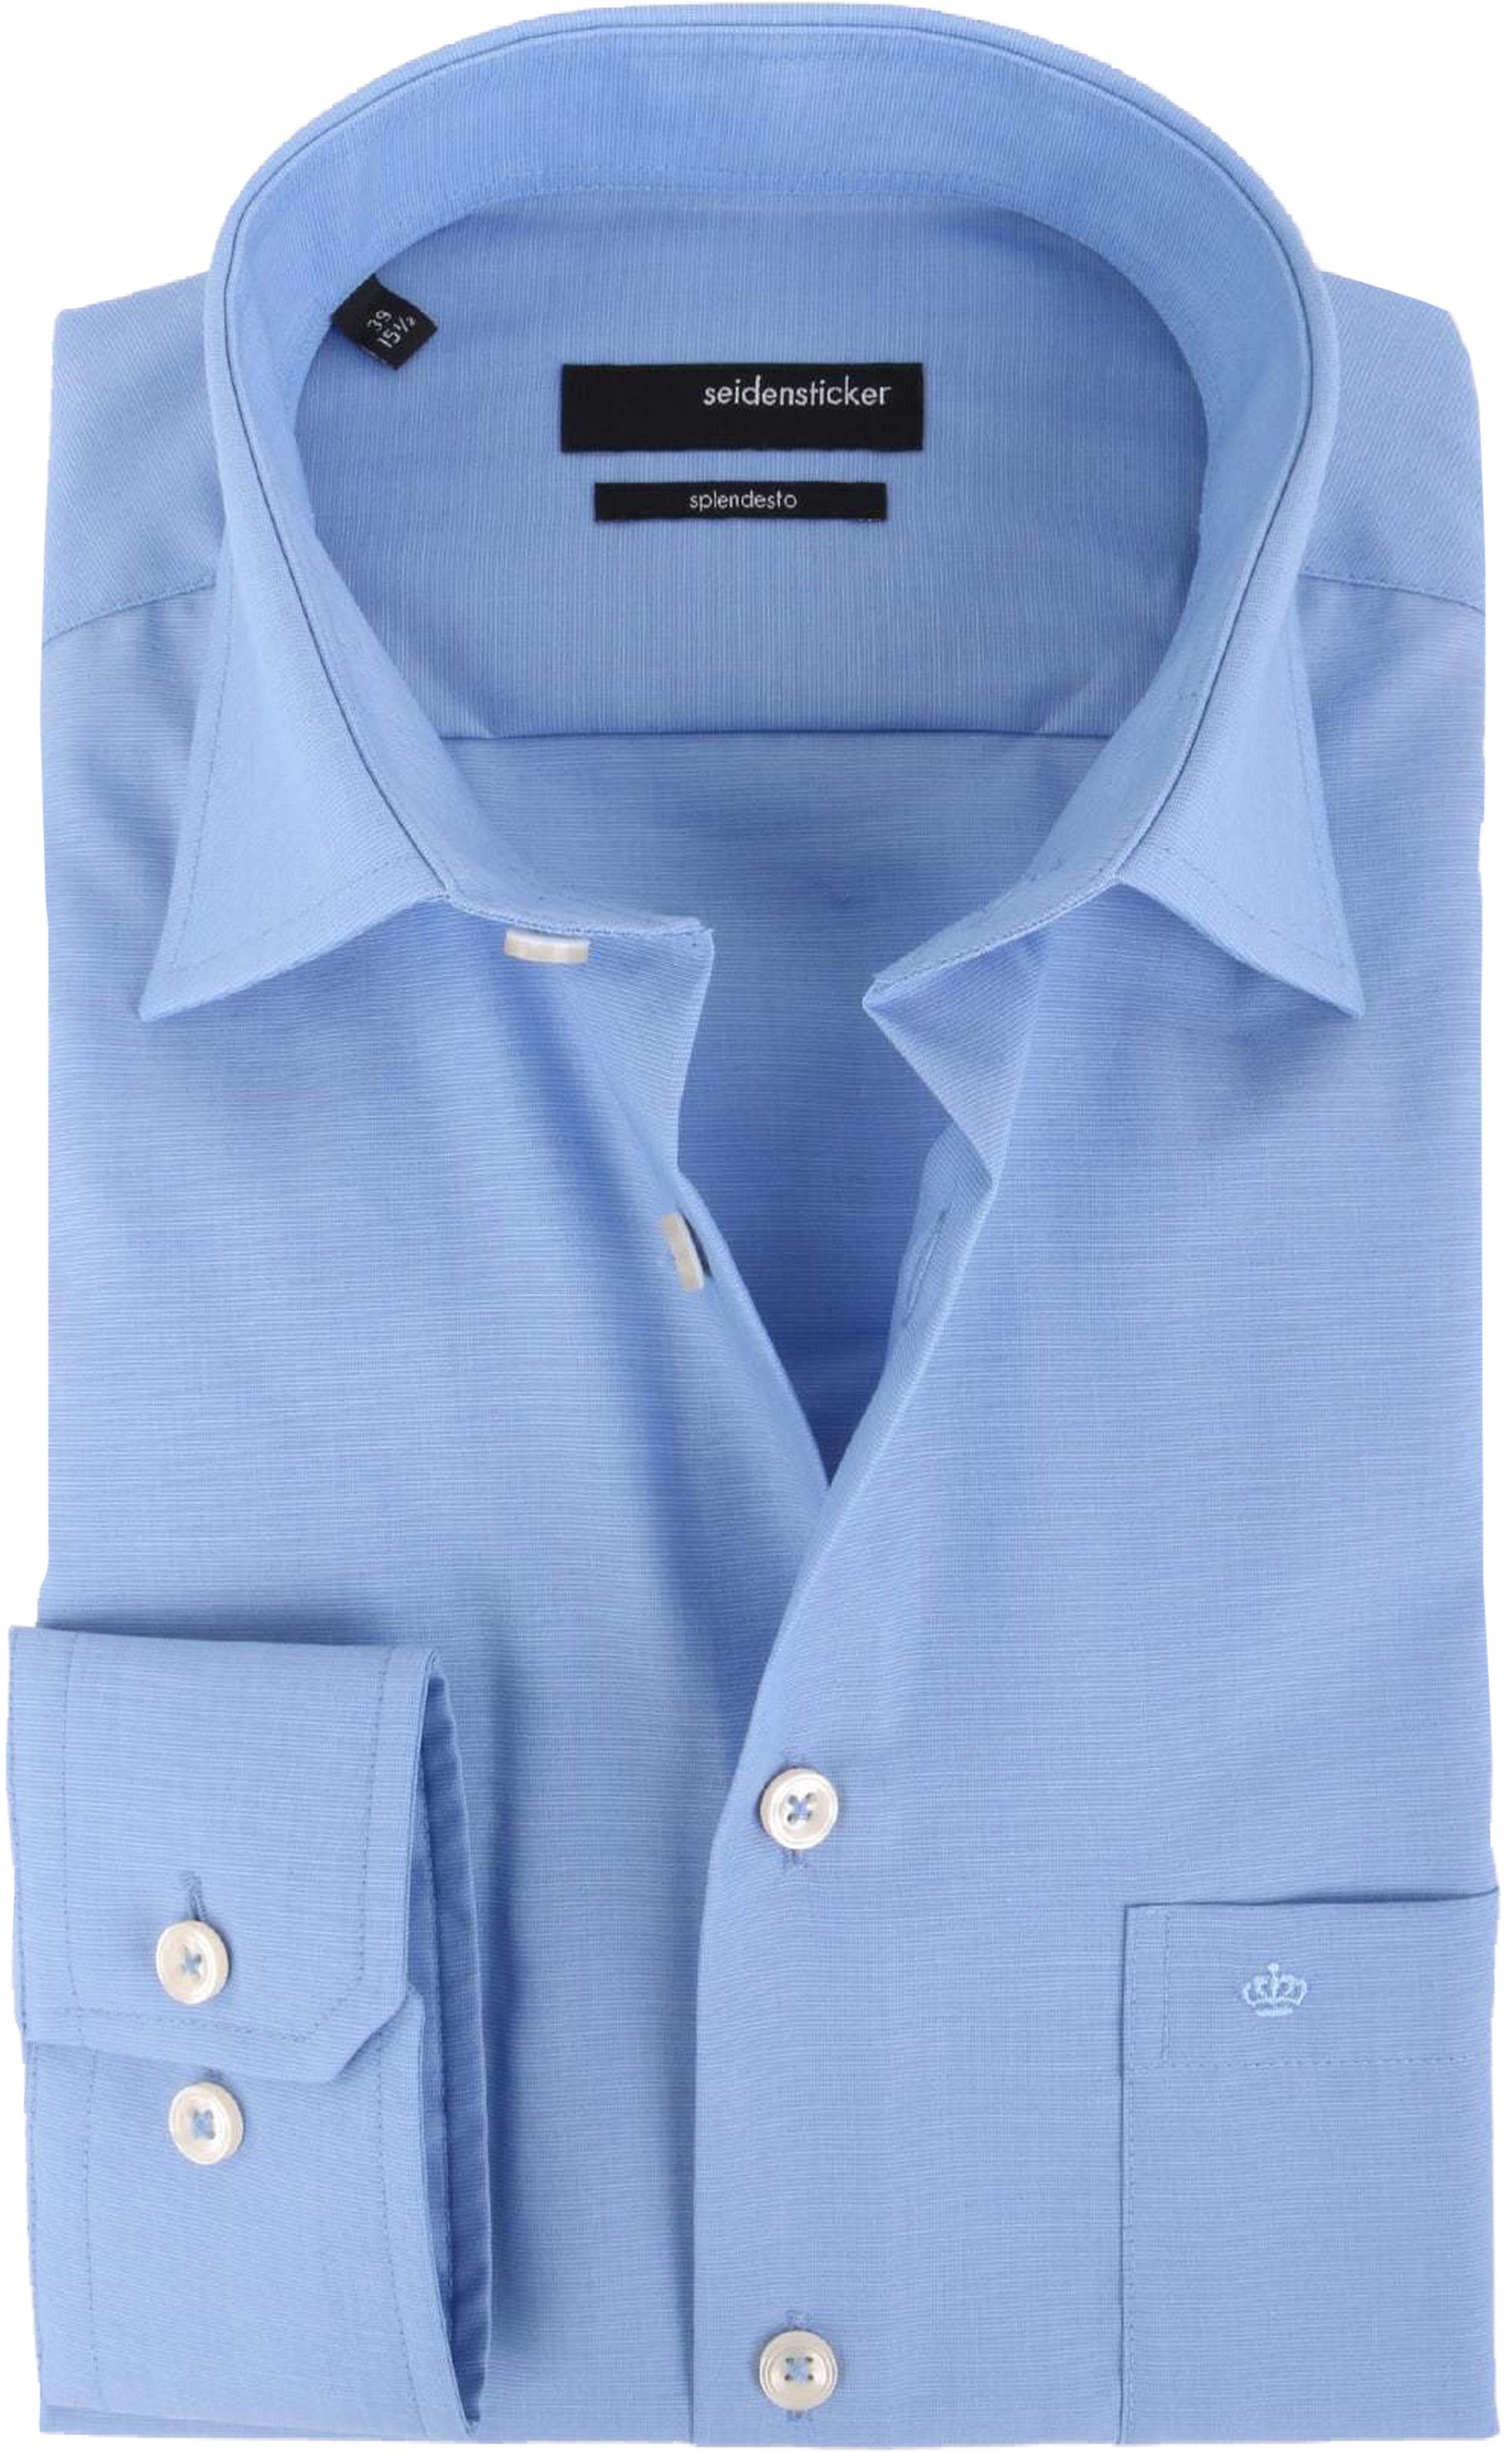 Seidensticker Hemd Bügelfrei Modern Blau foto 0